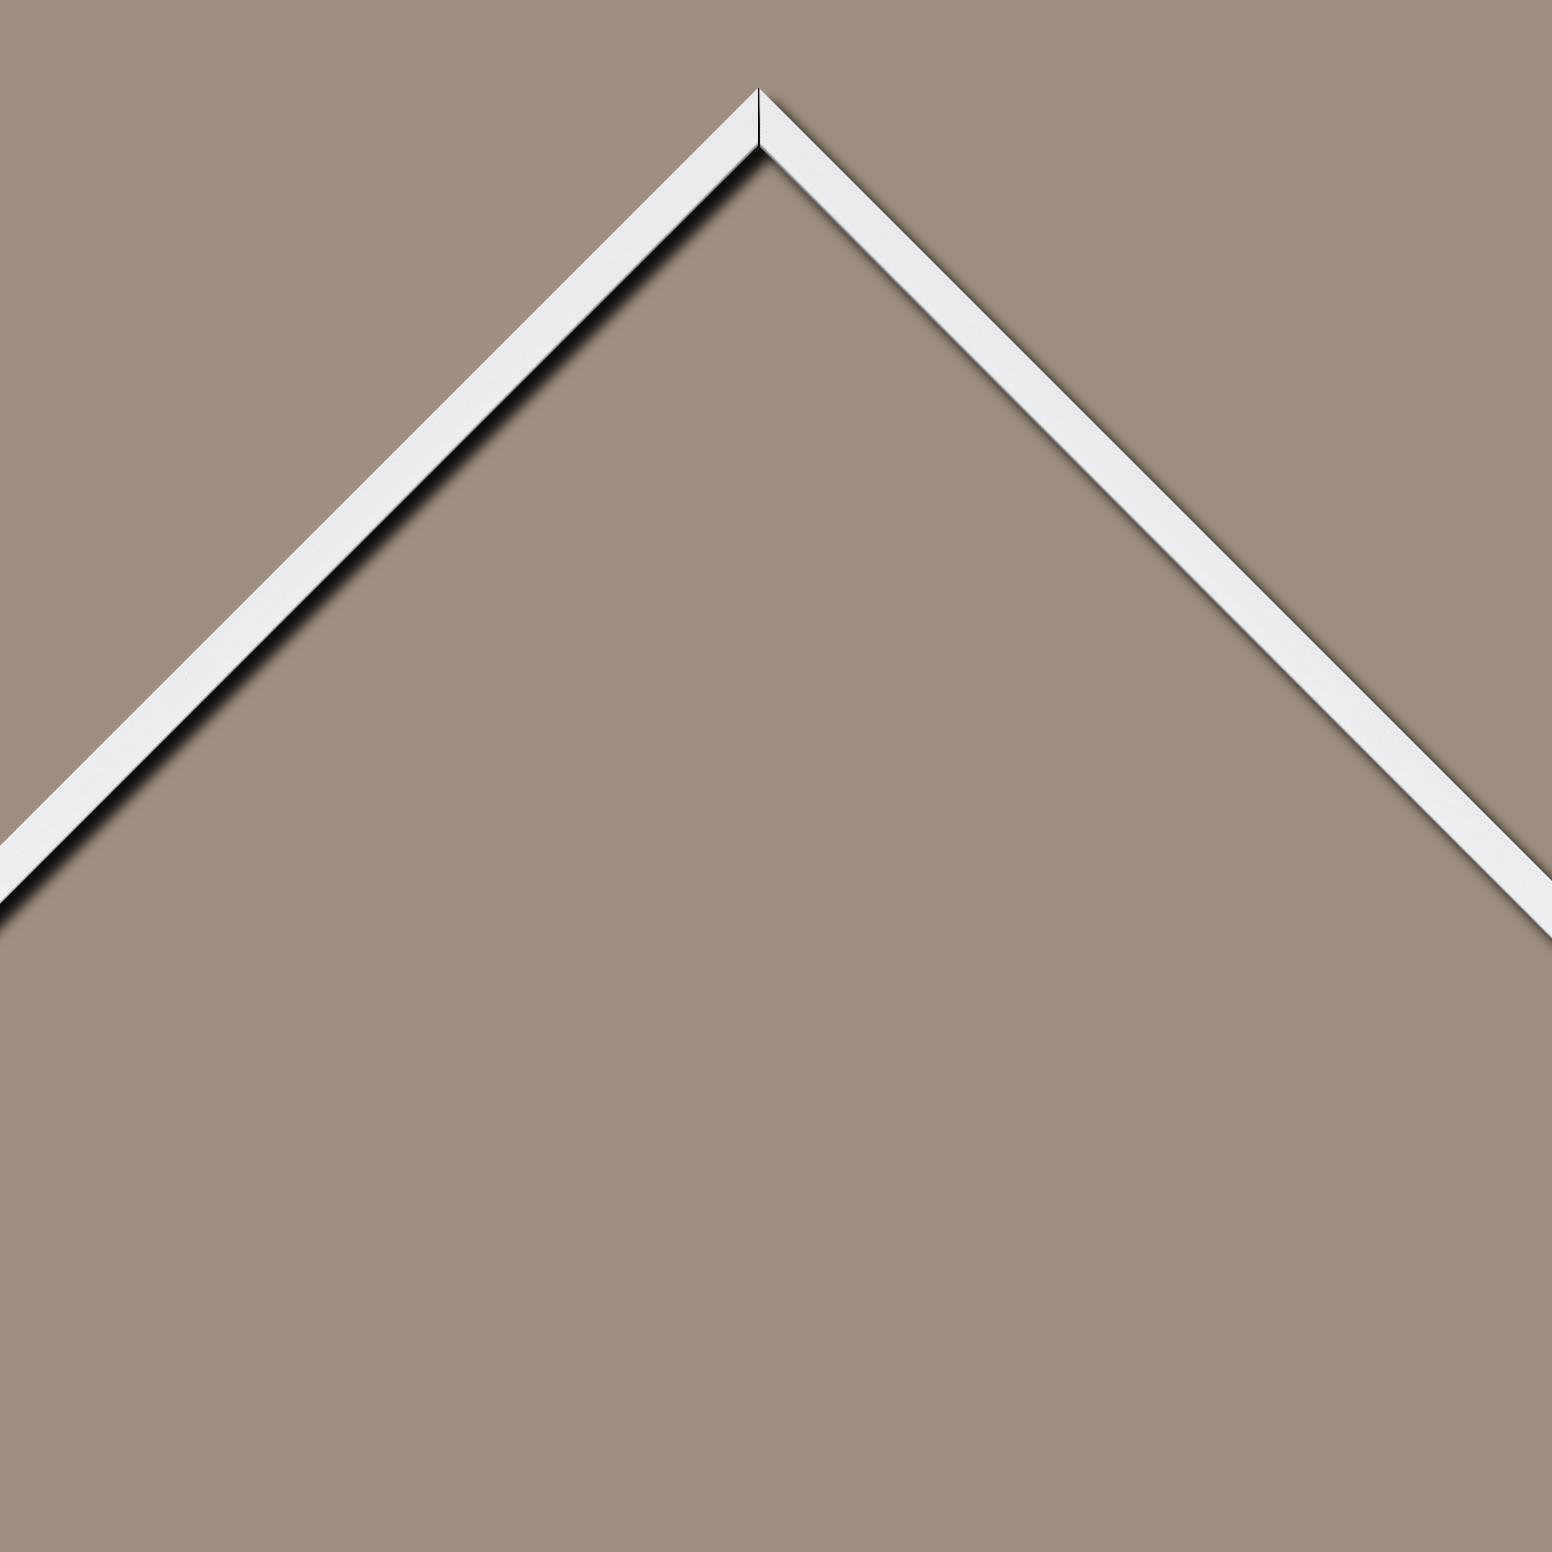 Baguette aluminium profil plat largeur 1cm couleur blanc satiné (mise en place du sujet très rapide et très simple,sans démontage du cadre car angles sertis ) encadrement livré monté prêt à l'emploi (cadre fabriqué à vos mesures dans nos ateliers de besançon)